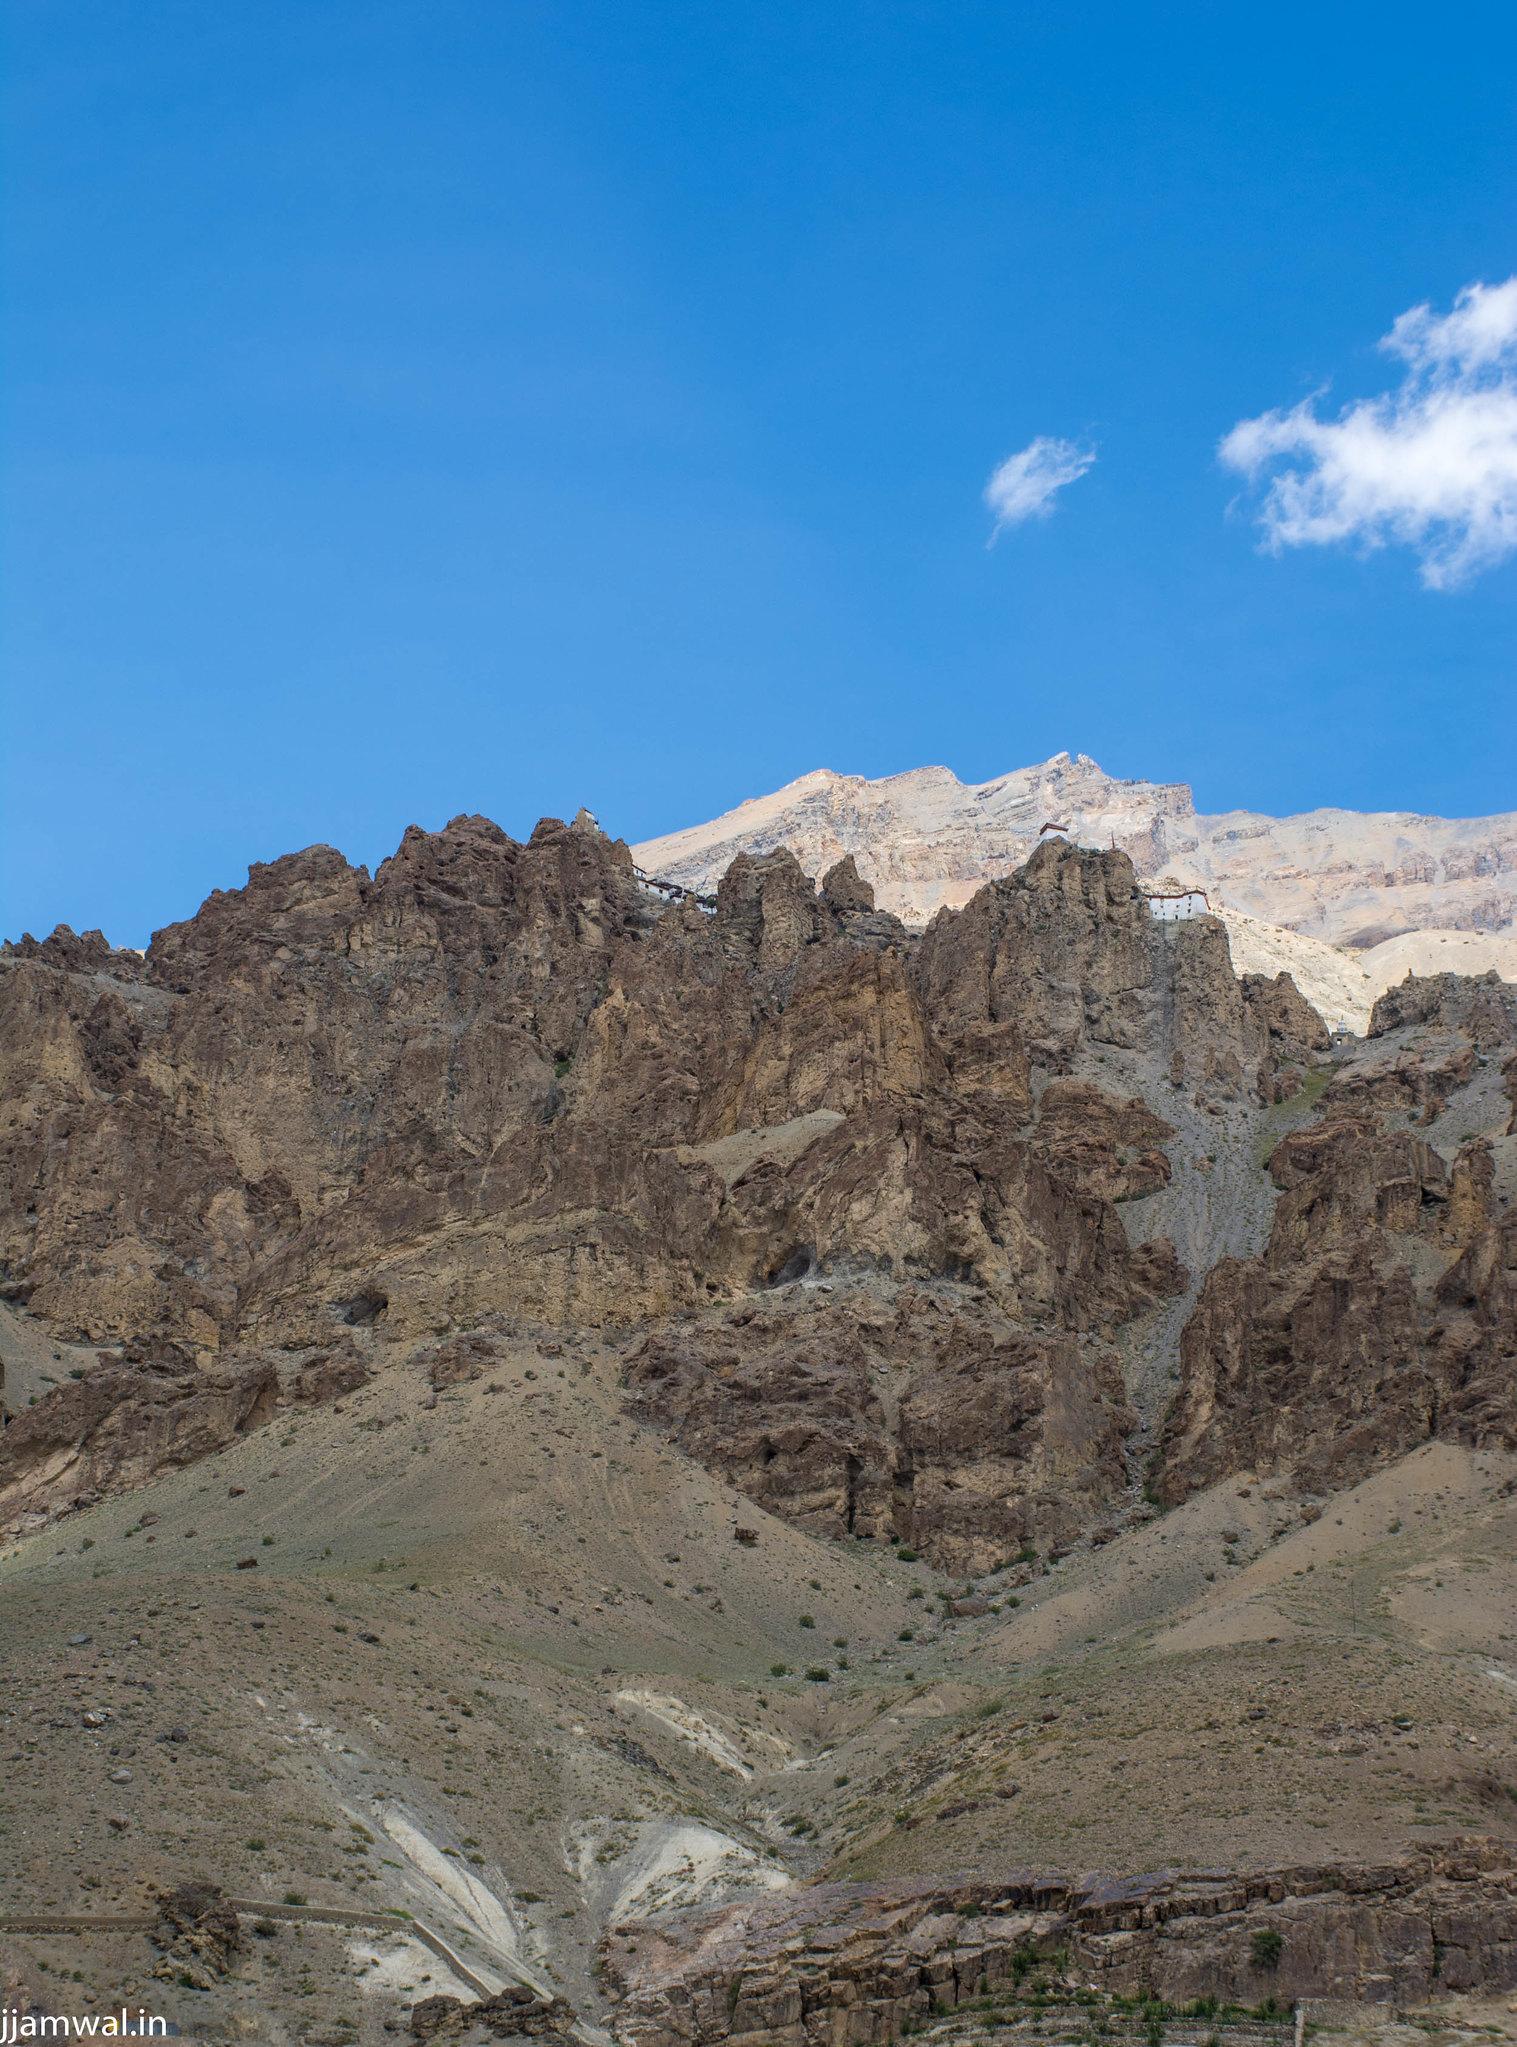 View of Dhankar from below